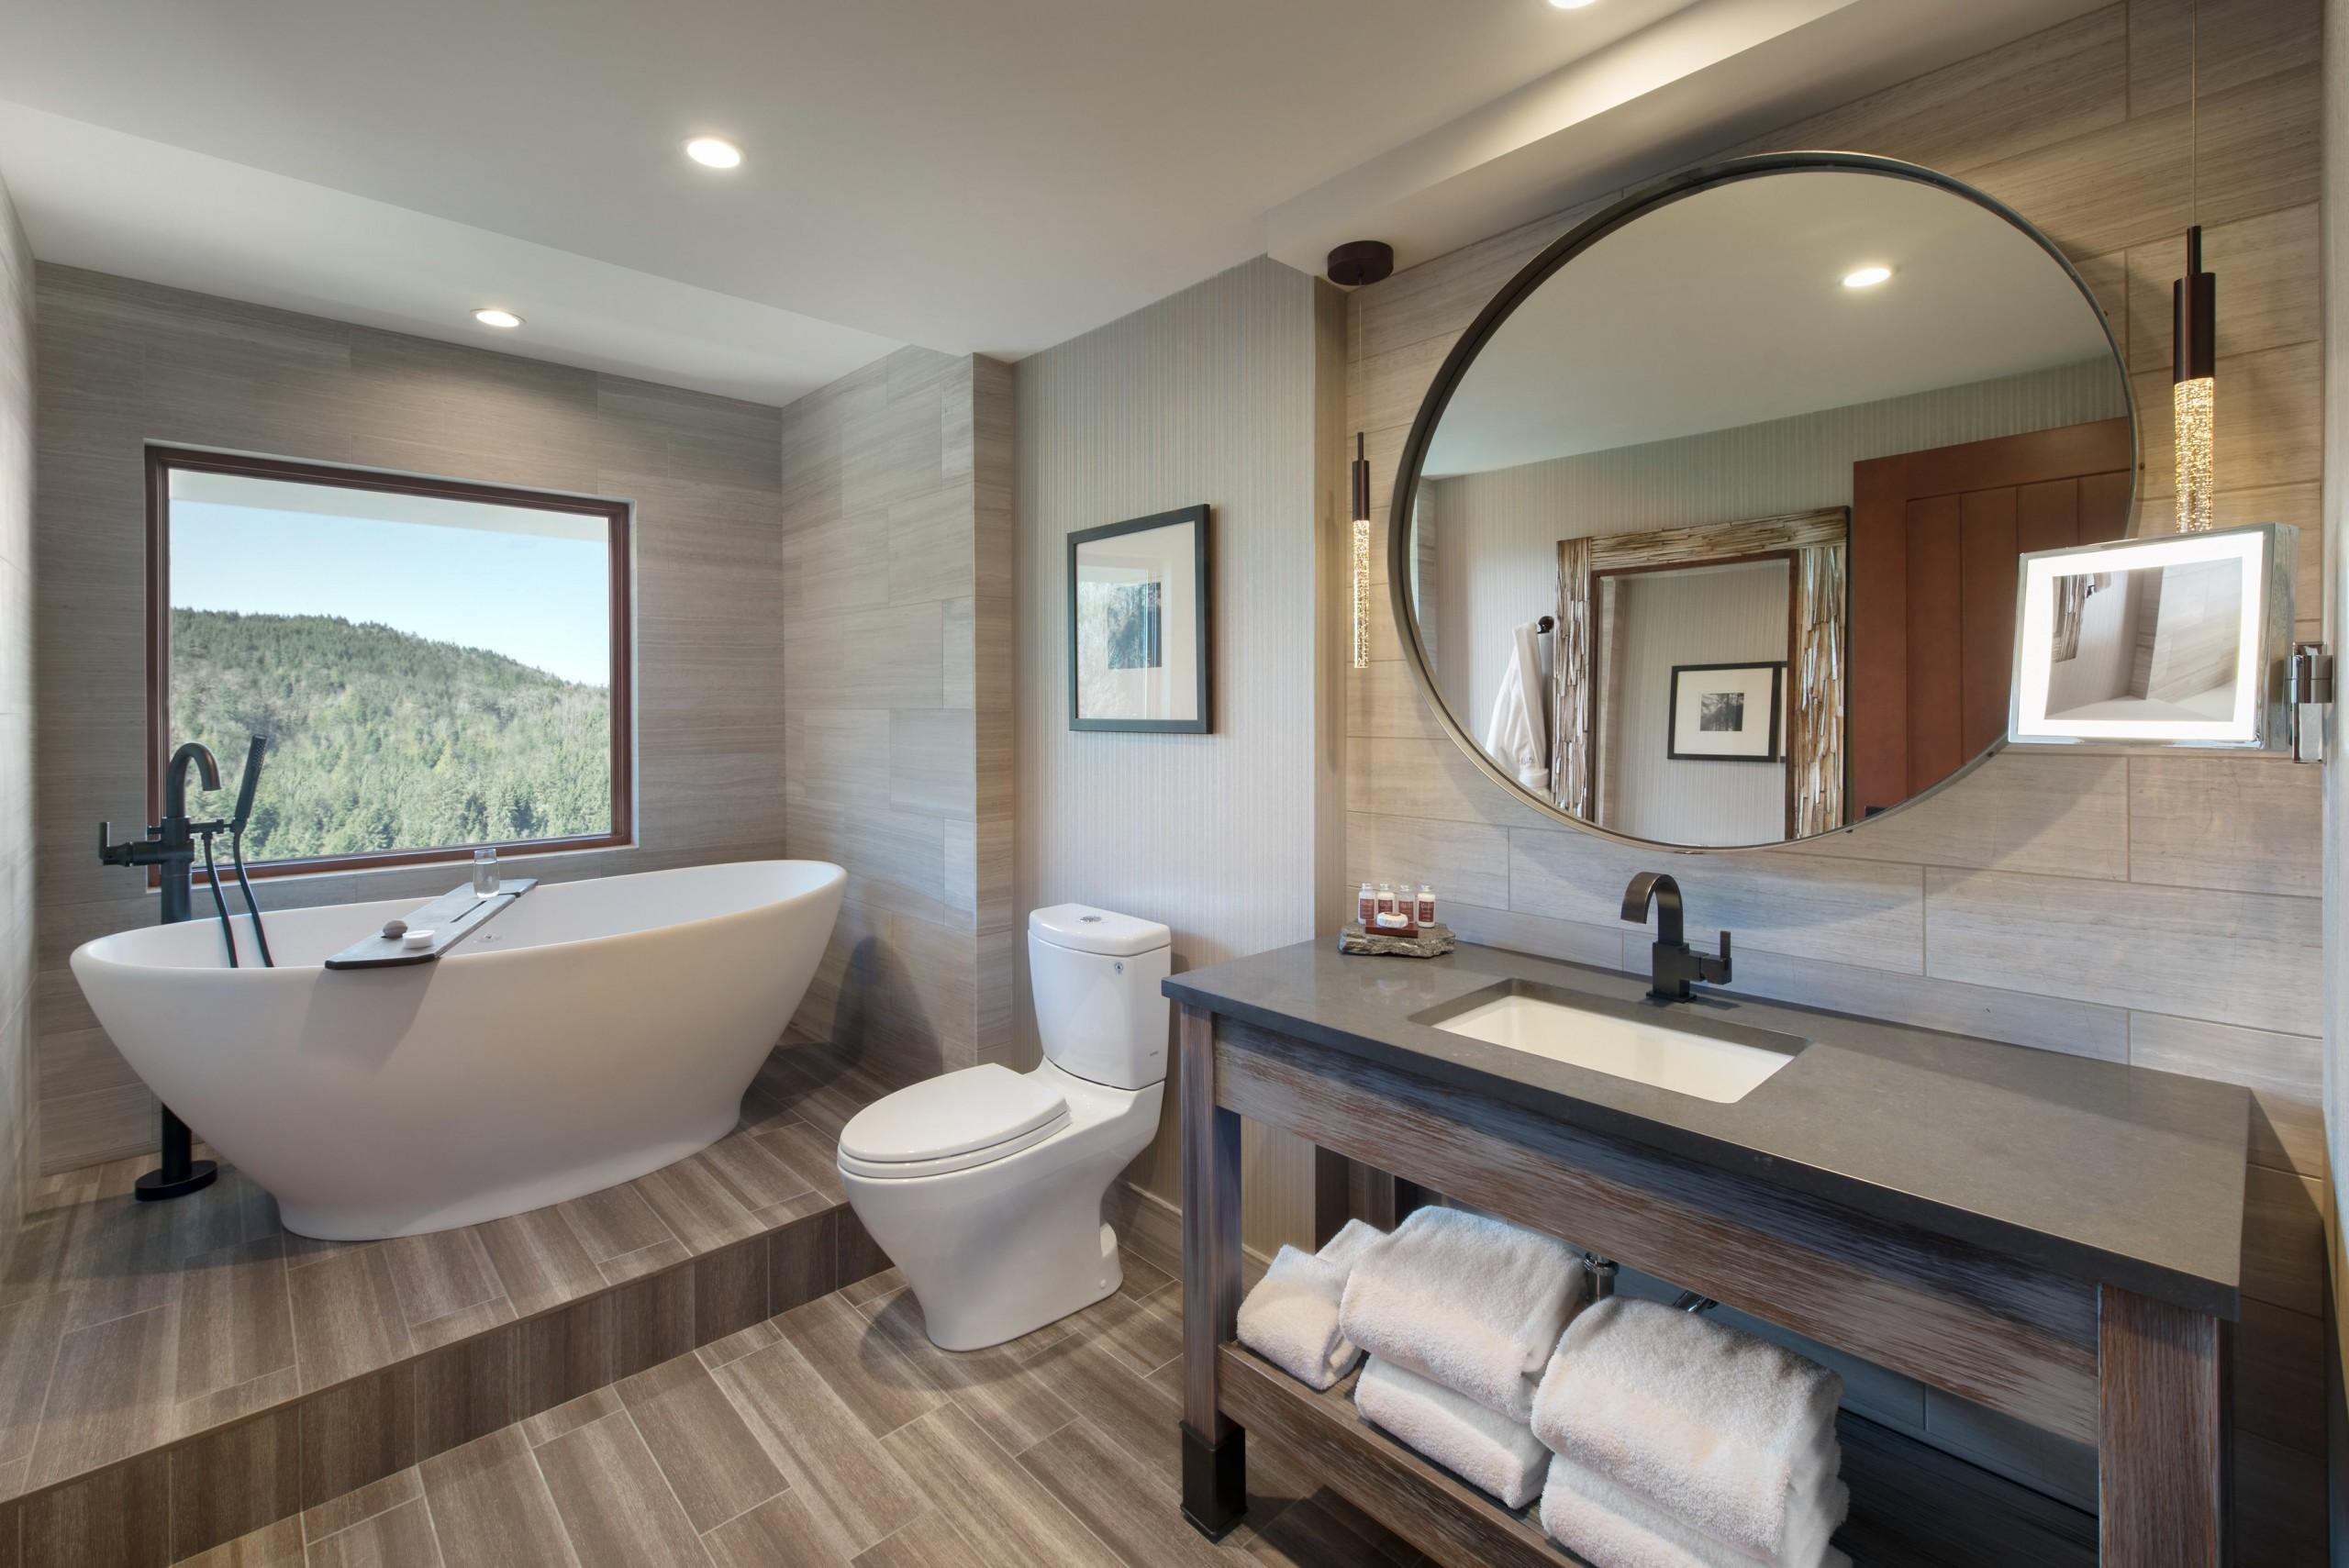 Salish Lodge & Spa Suite Bathroom | Image By Kipman Creative